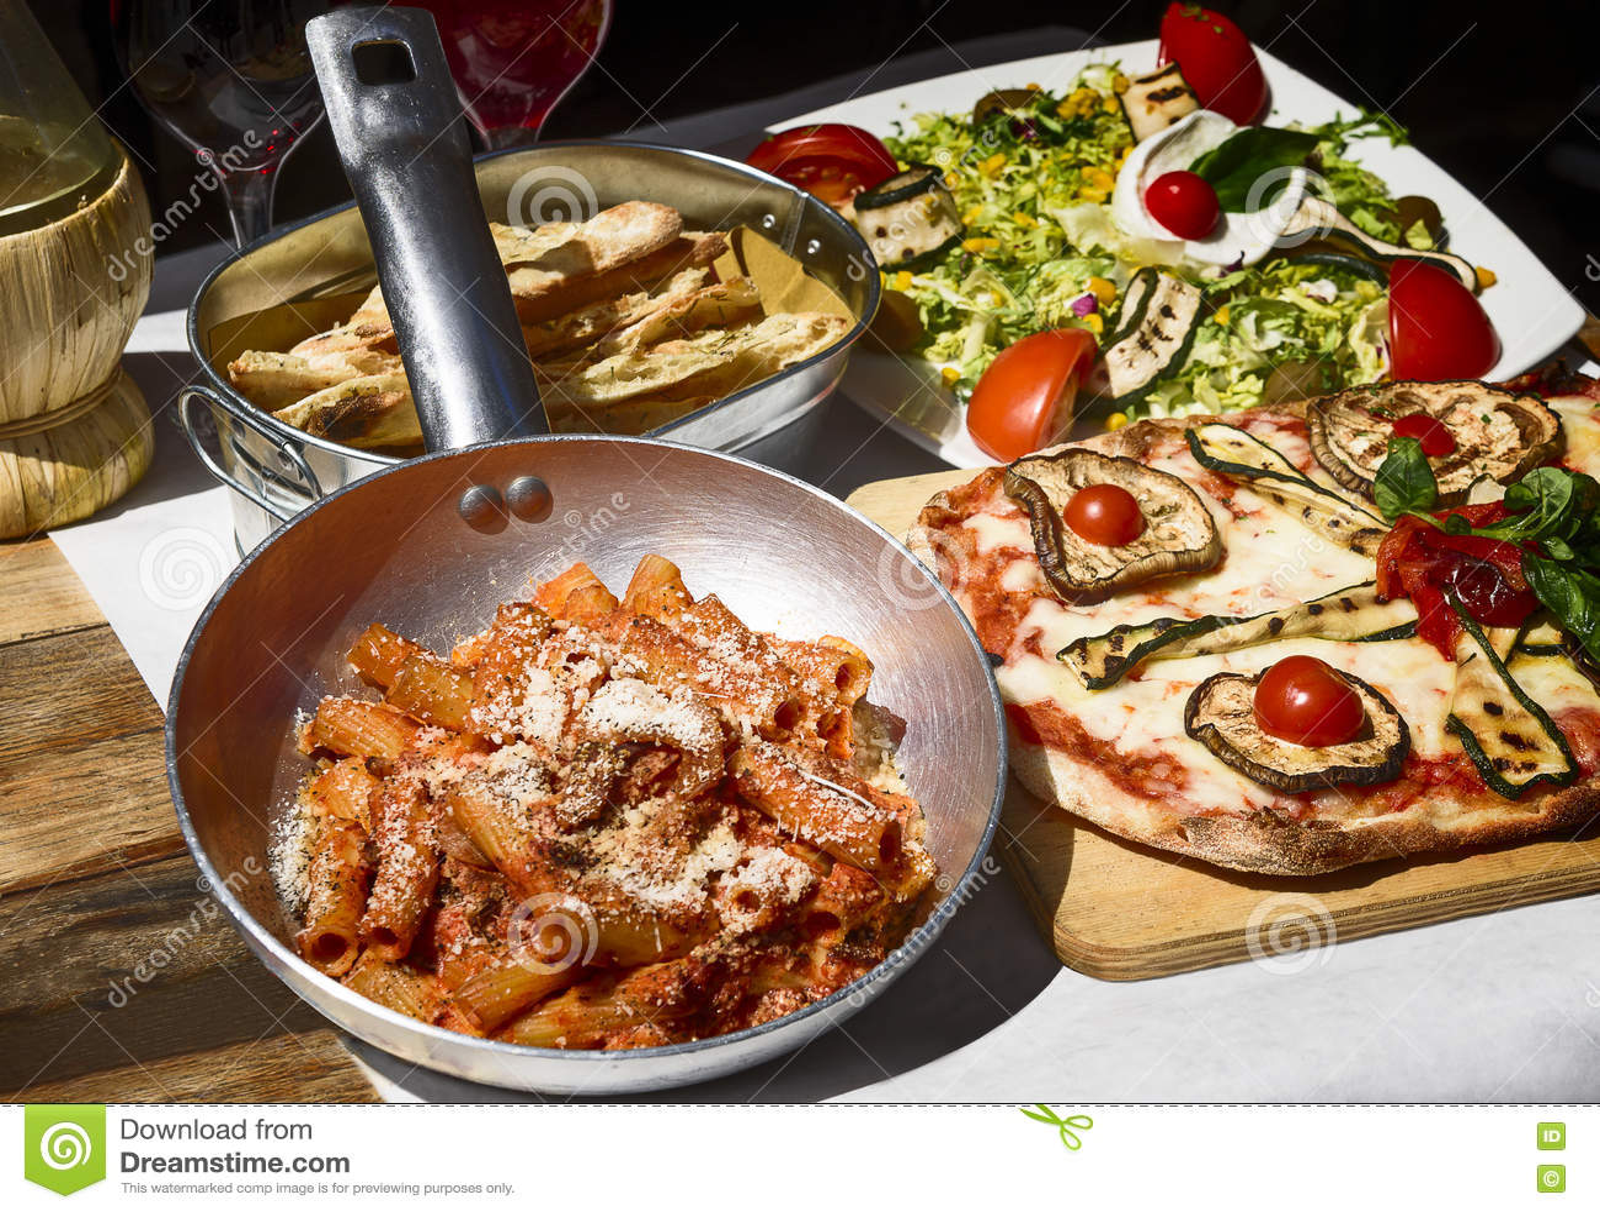 Best Authentic Italian Food In Rome